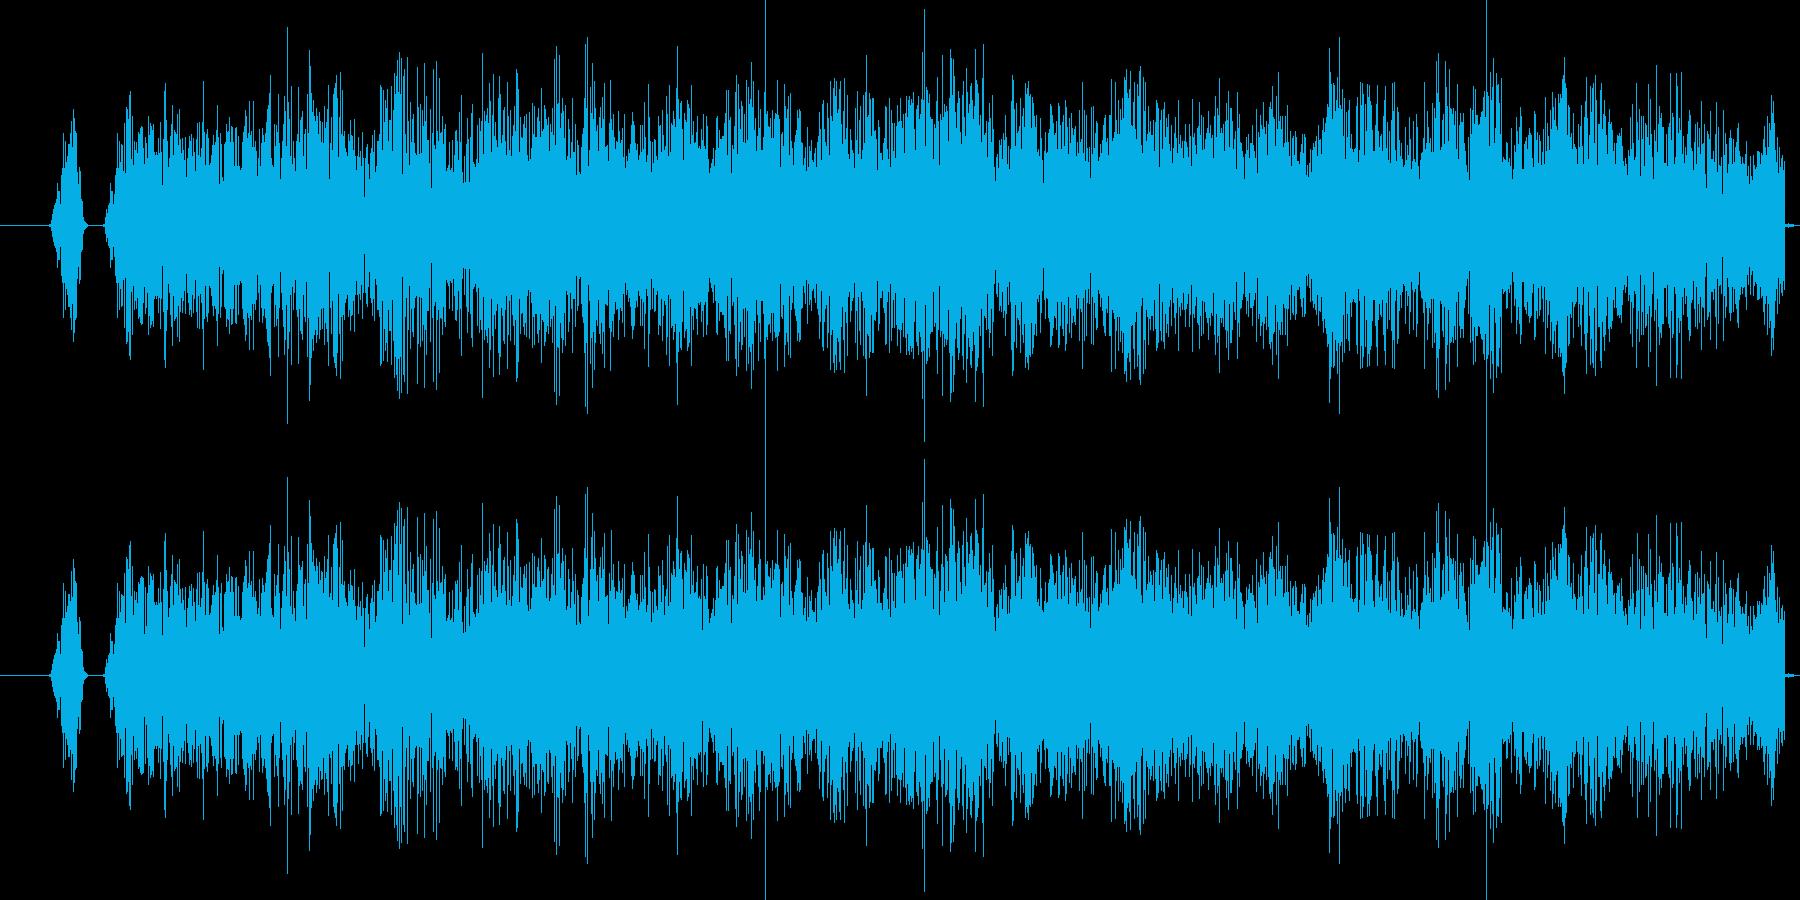 キュルキュル、キュイイイン、の再生済みの波形